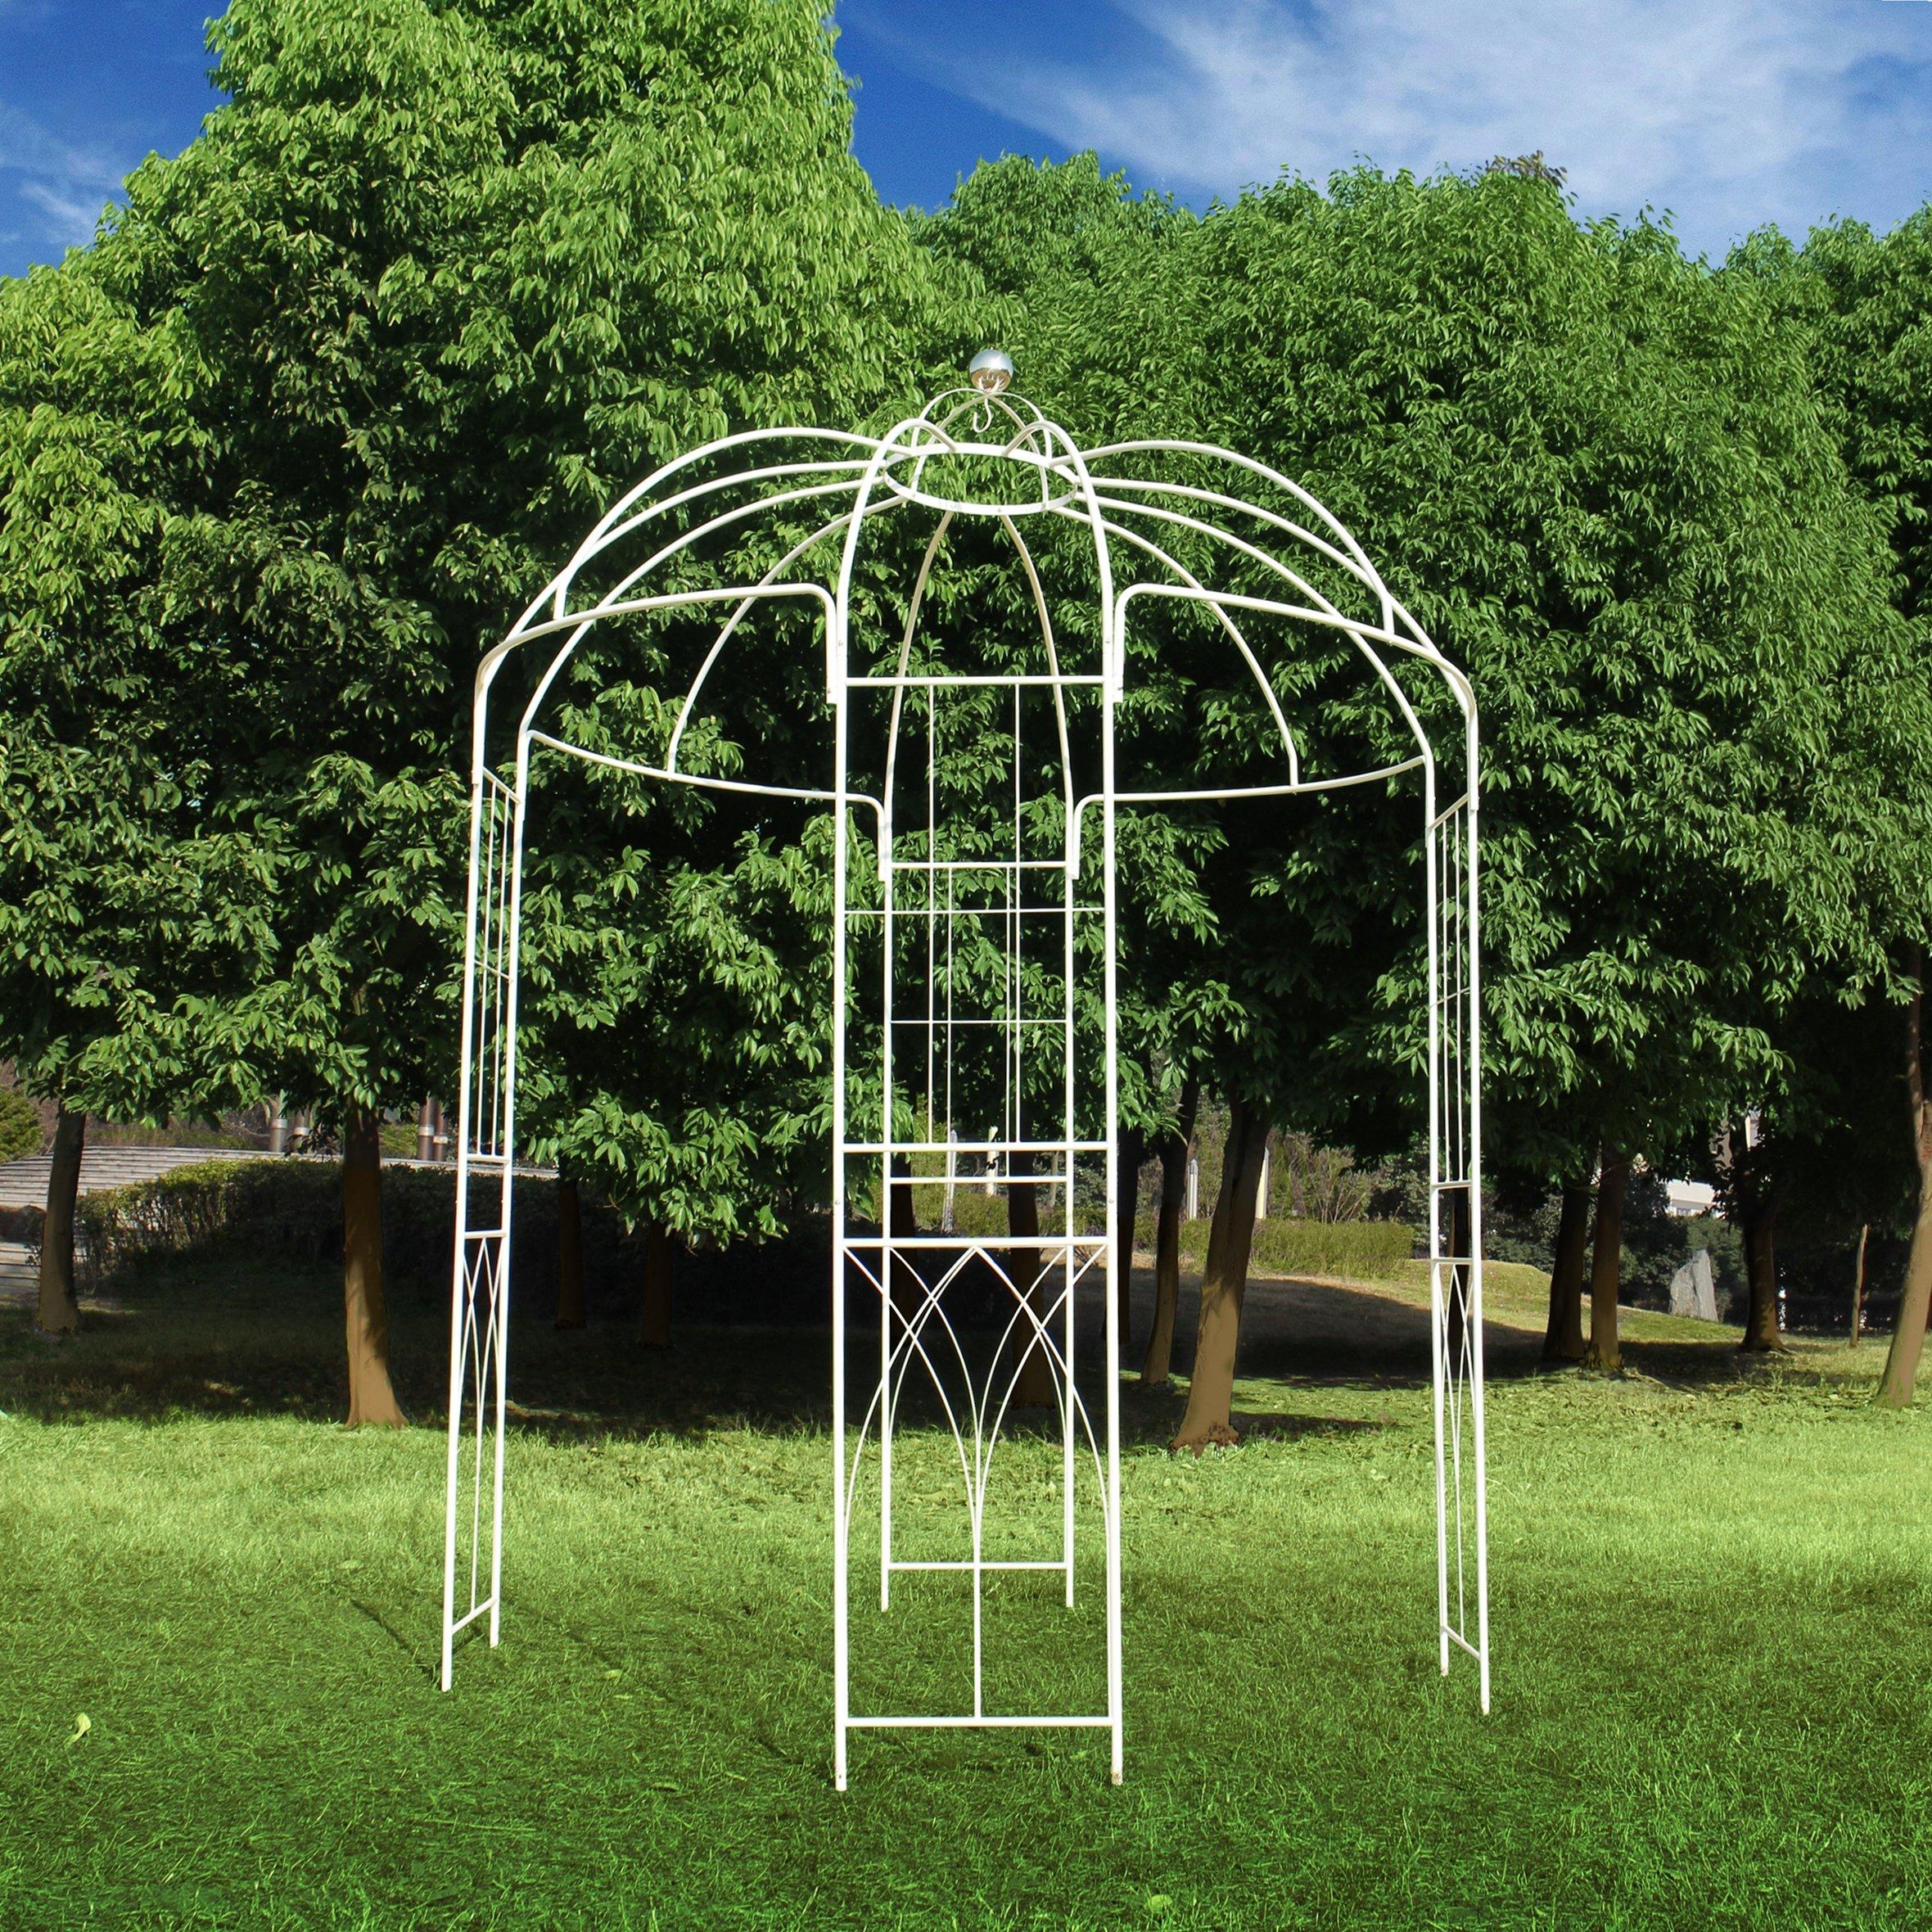 Pergola de metal con forma de jaula de pájaros de 4 lados estilo francés, de Outour, para jardín, patio, boda, vid trepadora, rosas, flores, color blanco: Amazon.es: Jardín